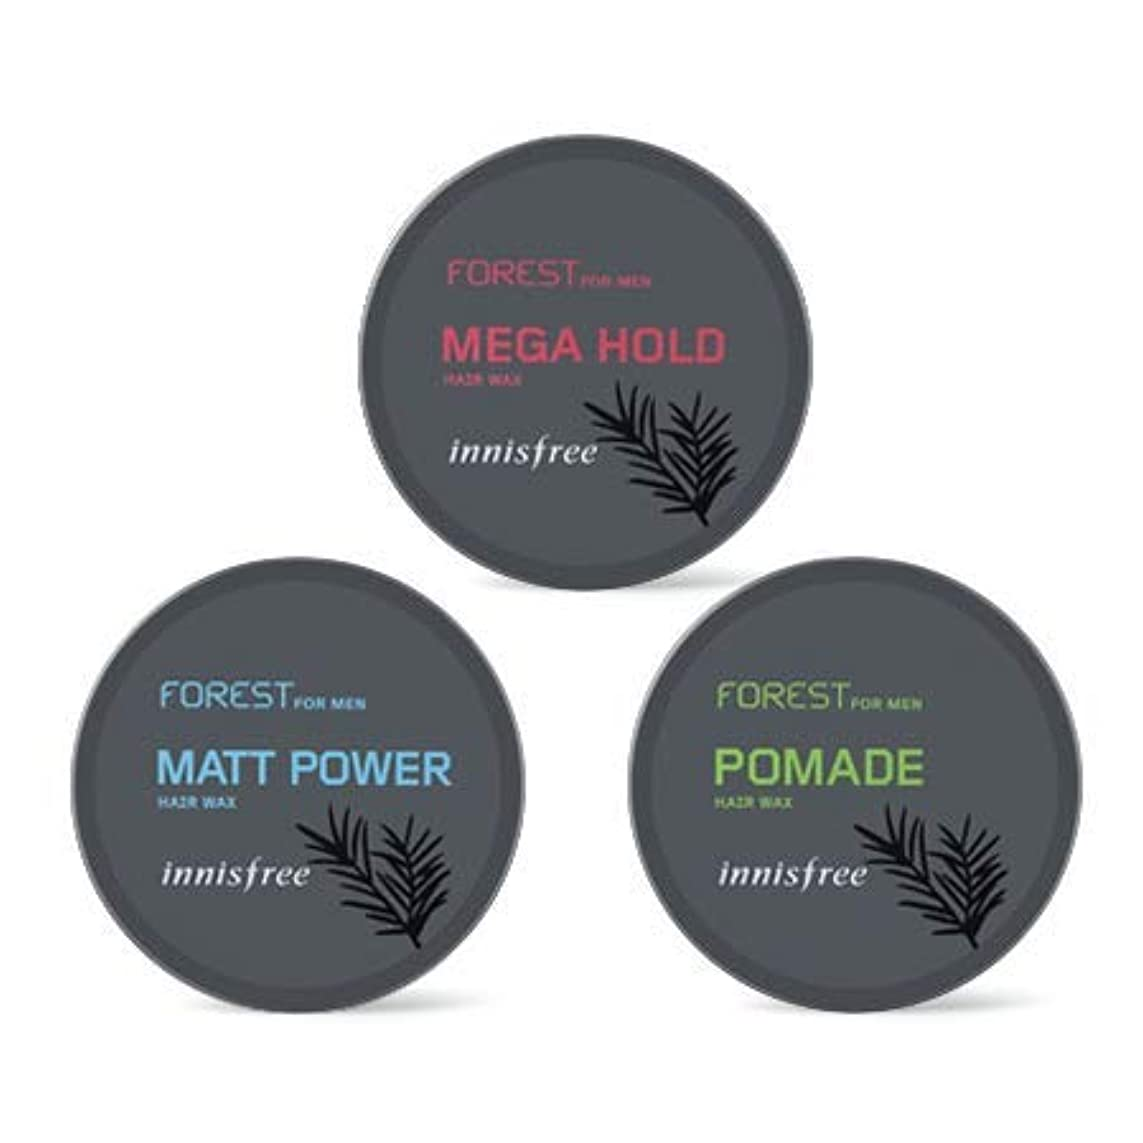 対話想像するビルマ[イニスフリー.INNISFREE](公式)フォレストフォアマンヘアワックス(3種)/ Forest For Men Hair Wax(60G、3 kind) (# mega hold)